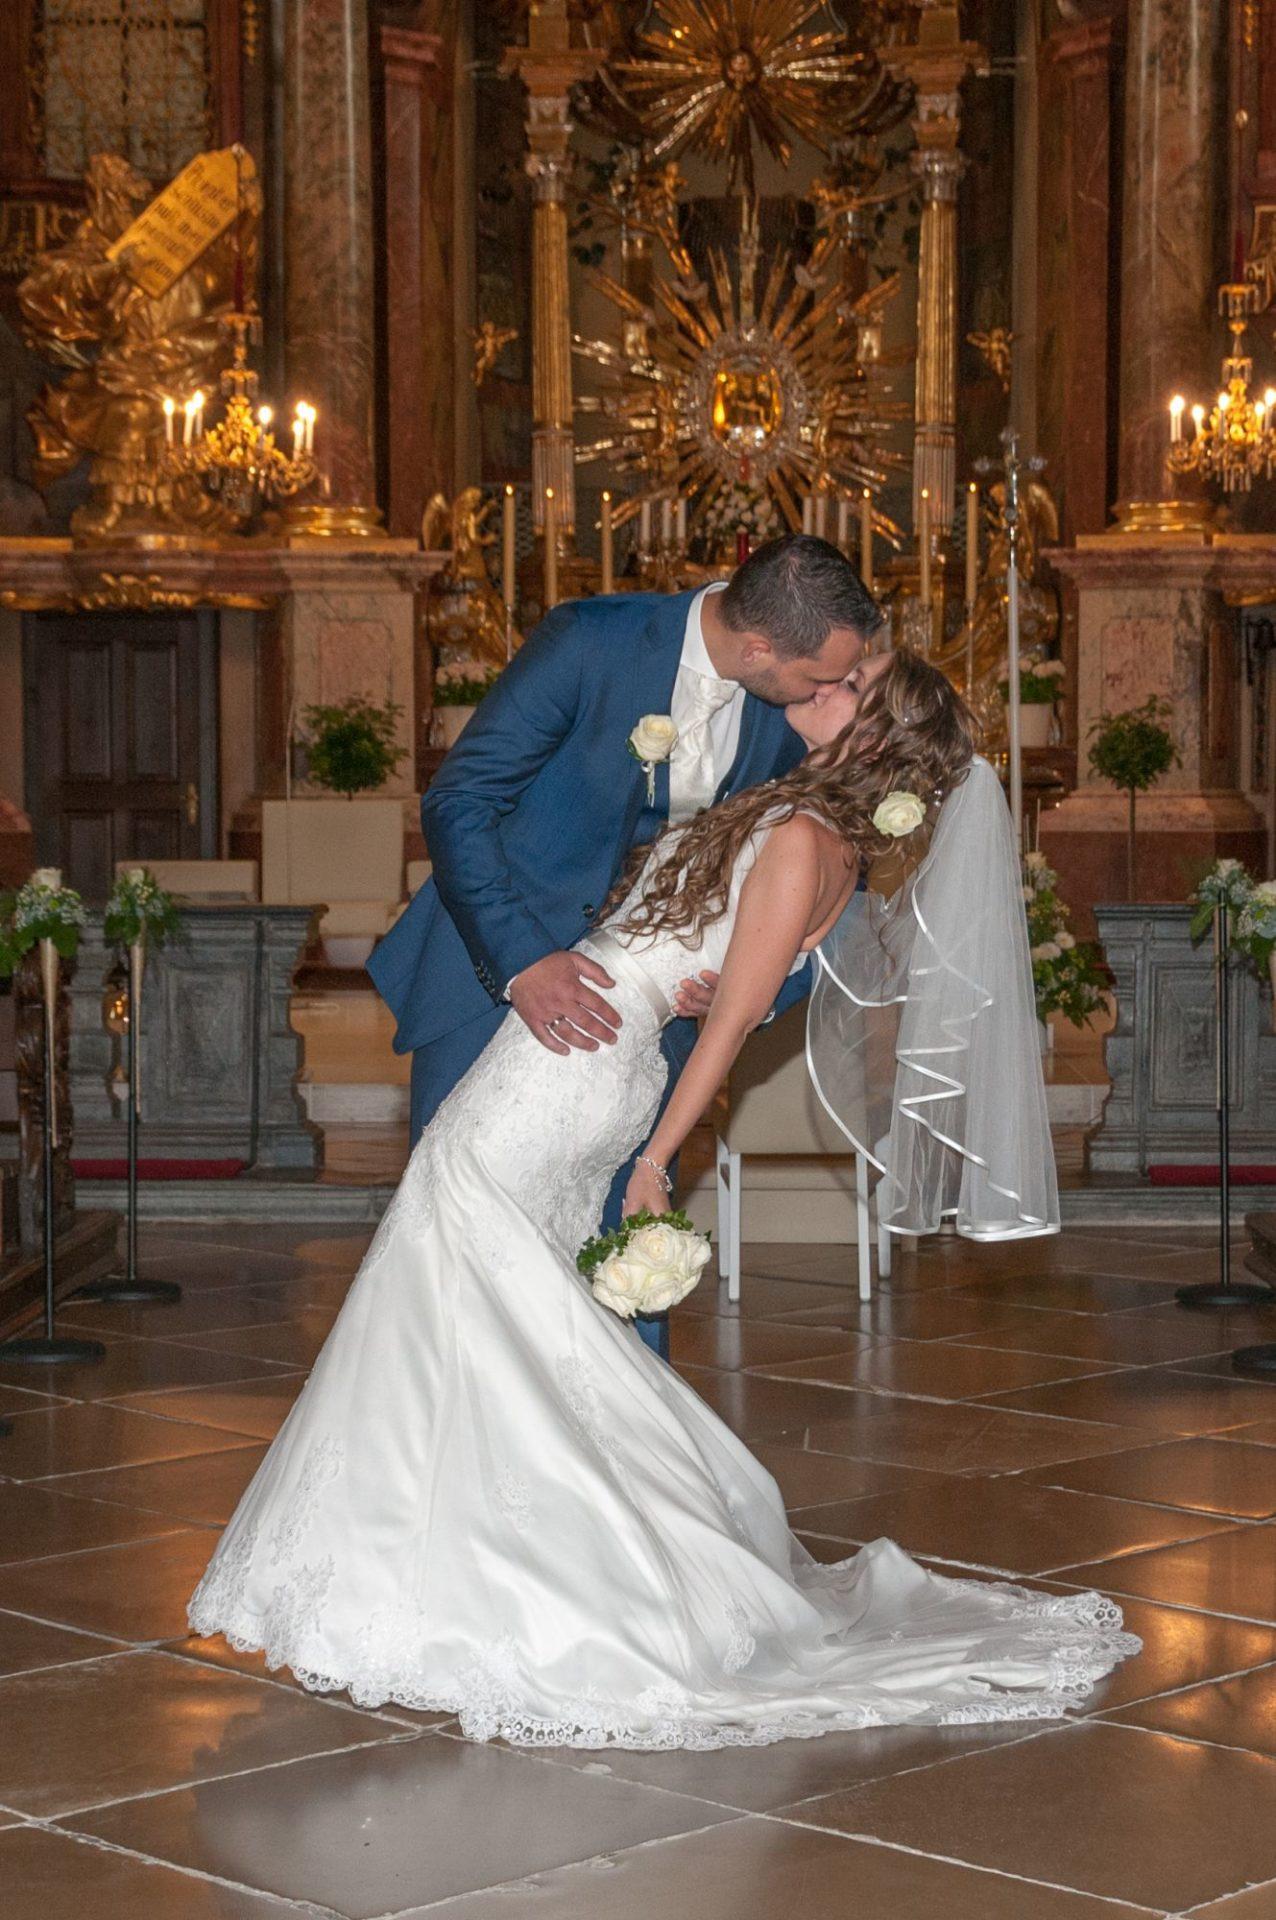 Brautkuss in der Kirche